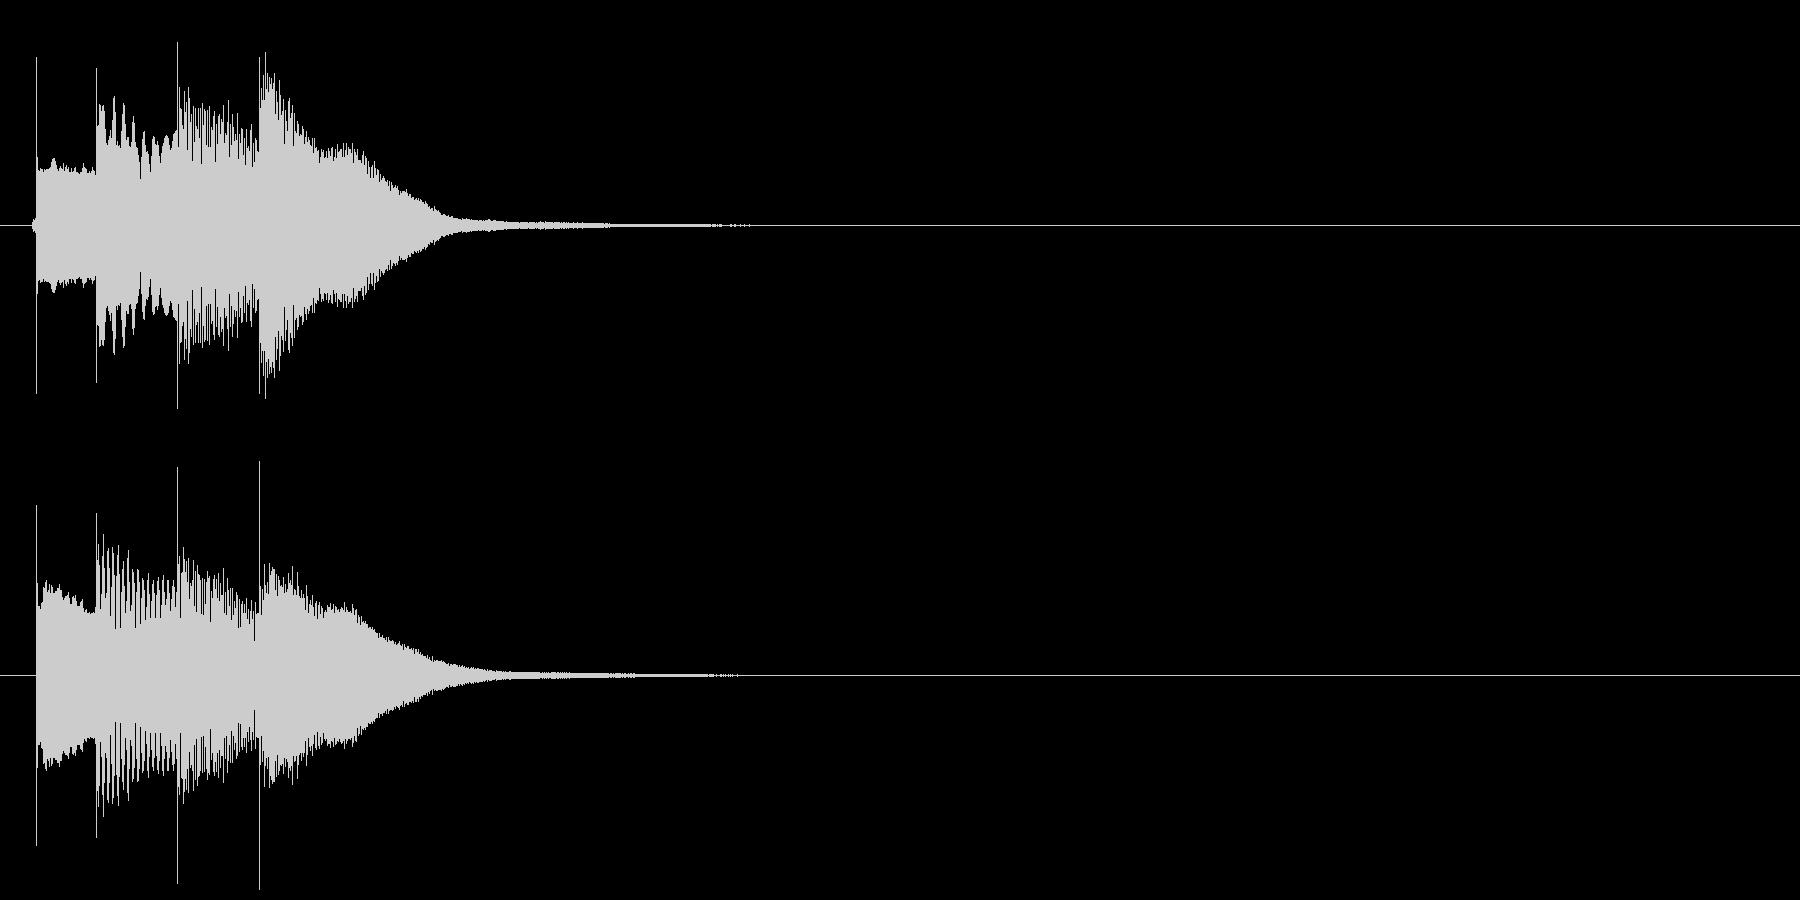 アラーム音03 グロッケンの未再生の波形